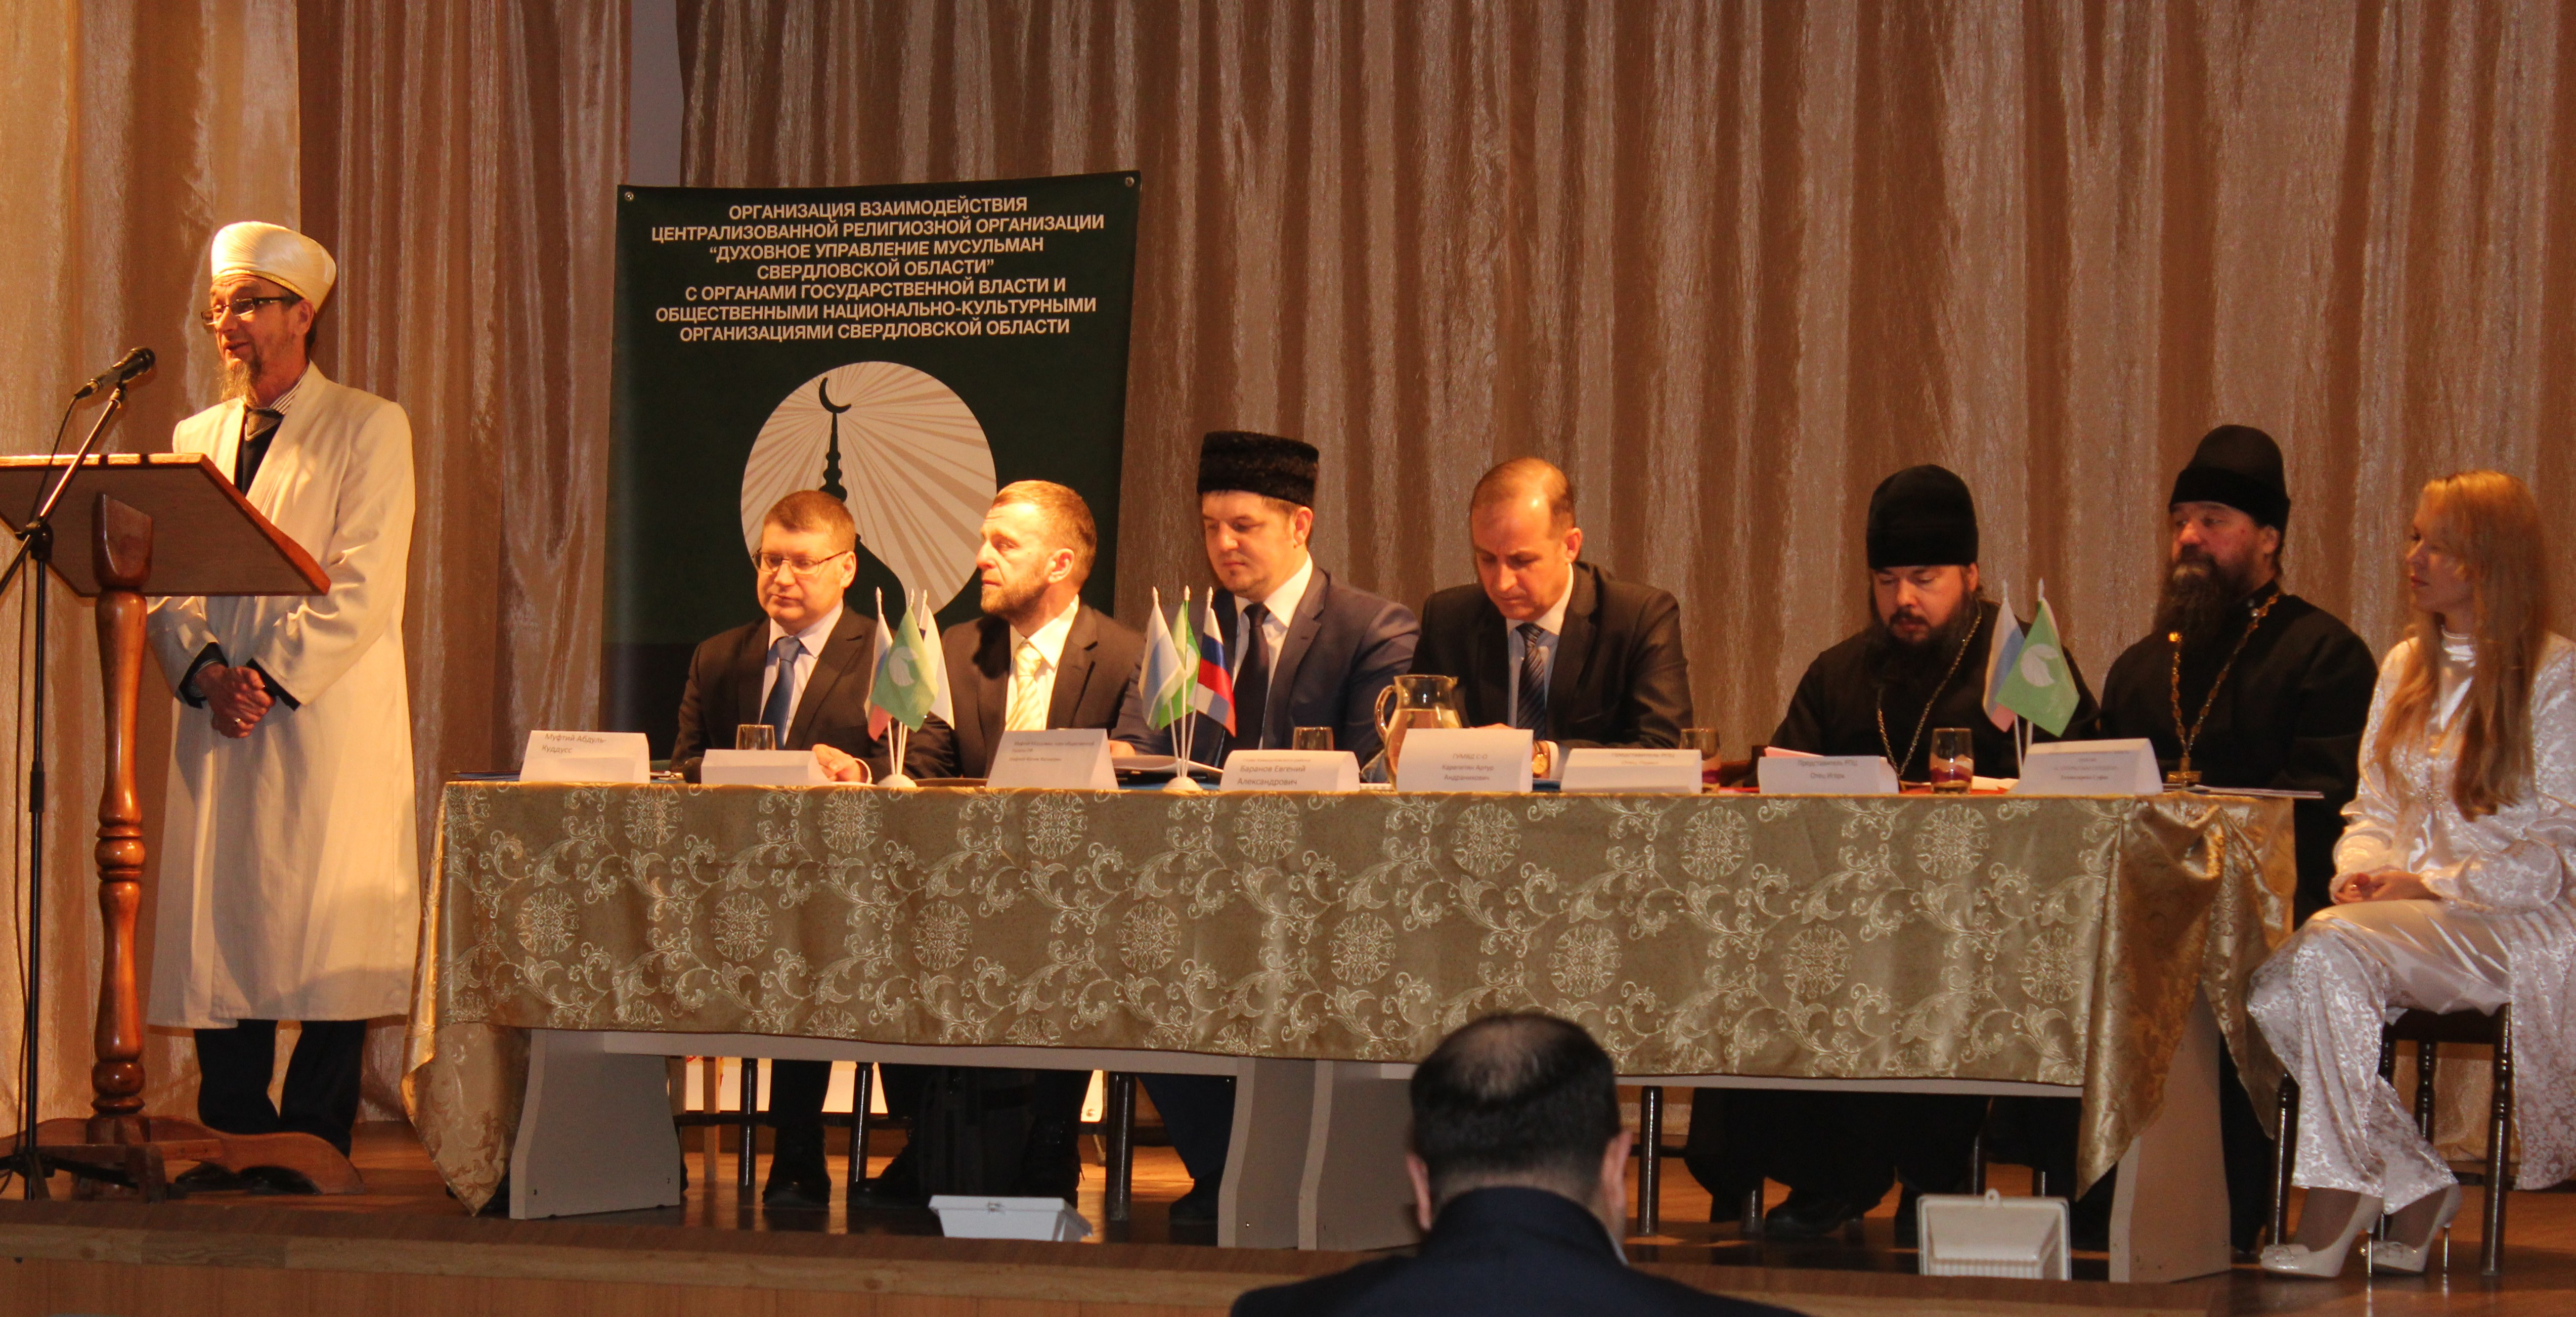 В Свердловской области обсудили пути взаимопонимания власти и общества